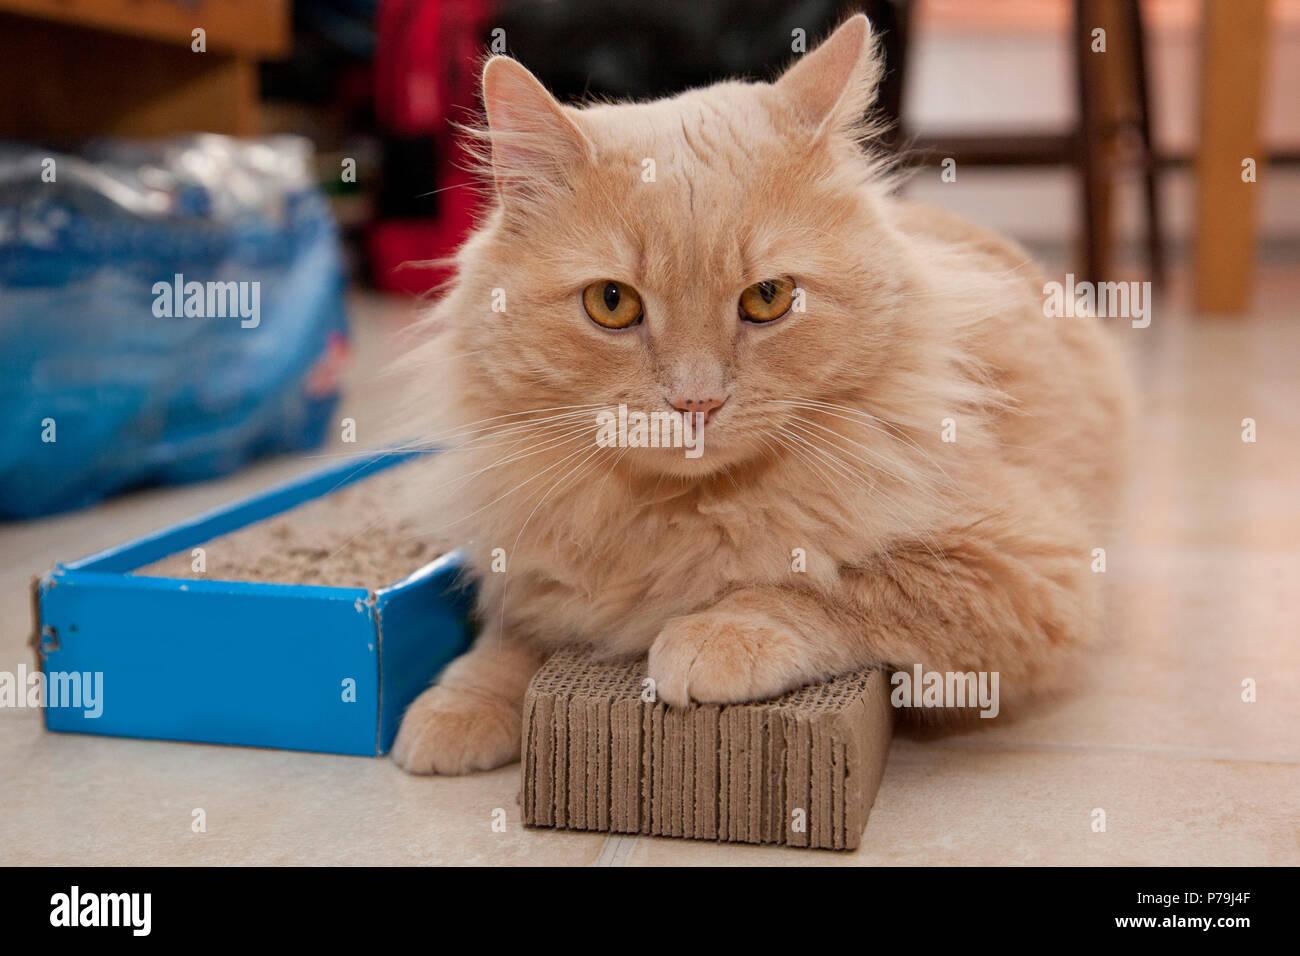 Eine Katze sitzt oben auf dem Karton scratching Pad nicht bewegt Stockbild